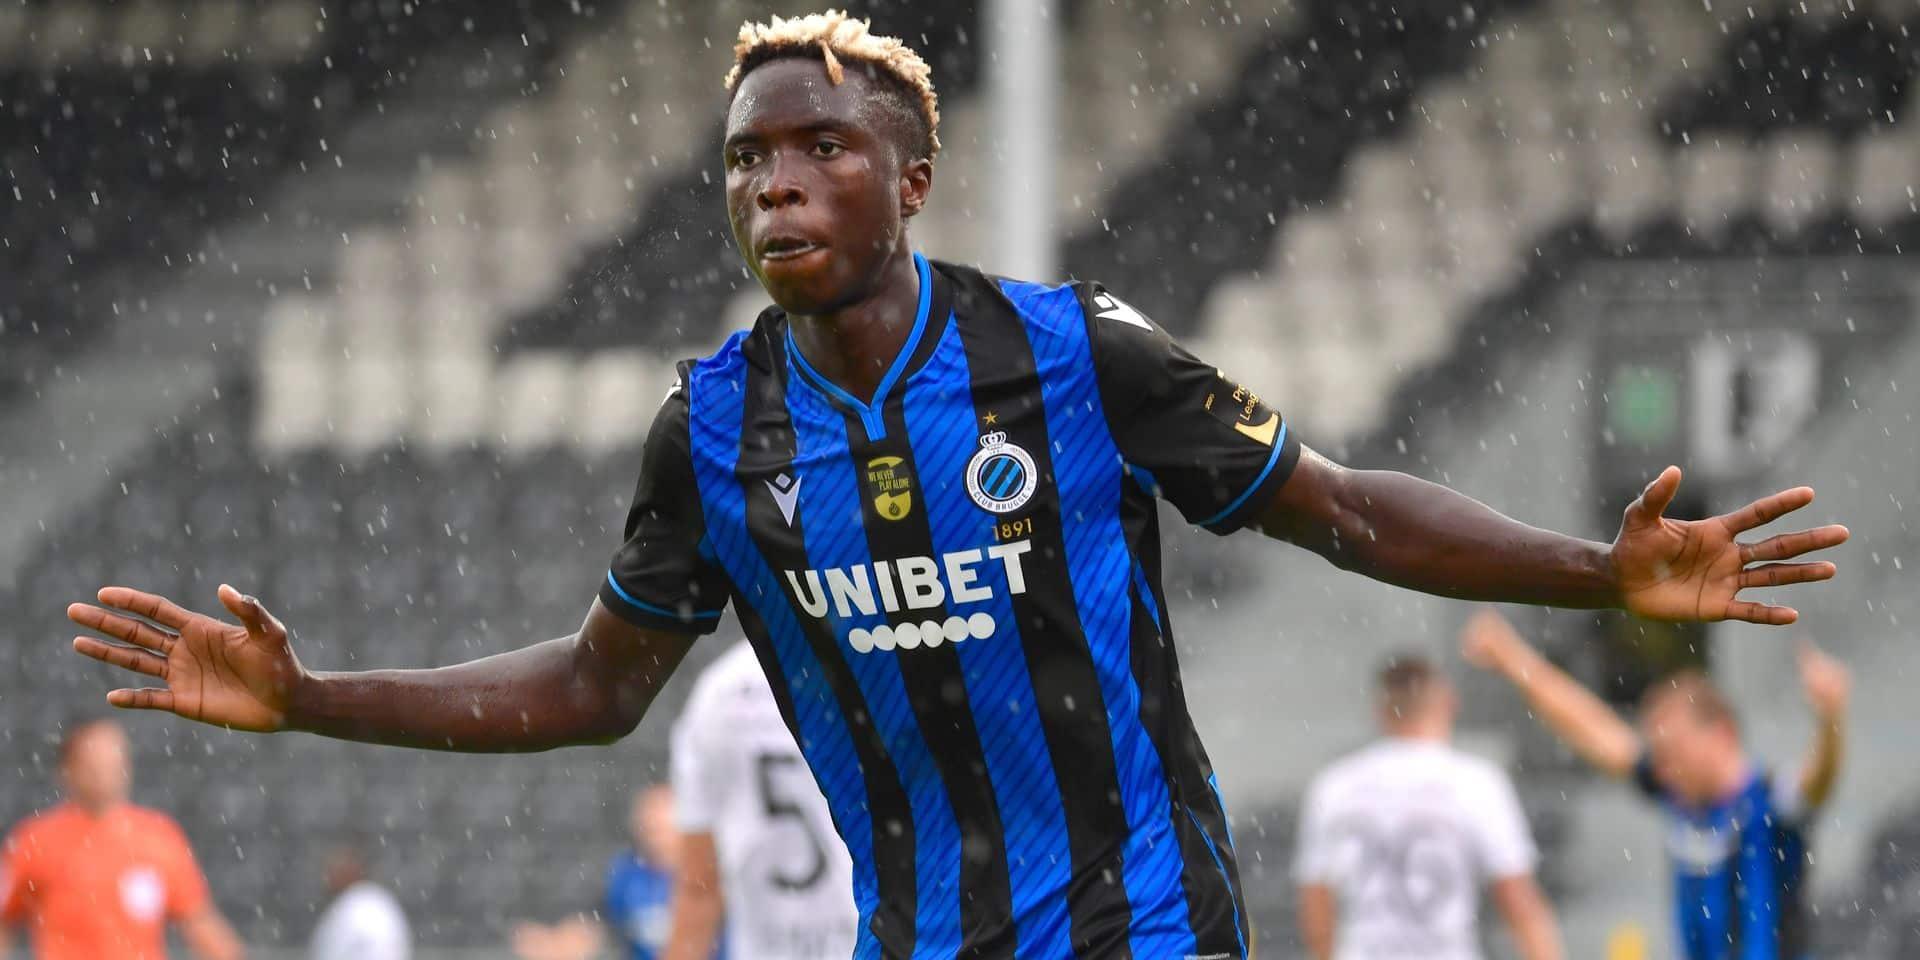 Les attaquants du Club de Bruges en panne sèche: deux buts marqués en 2020